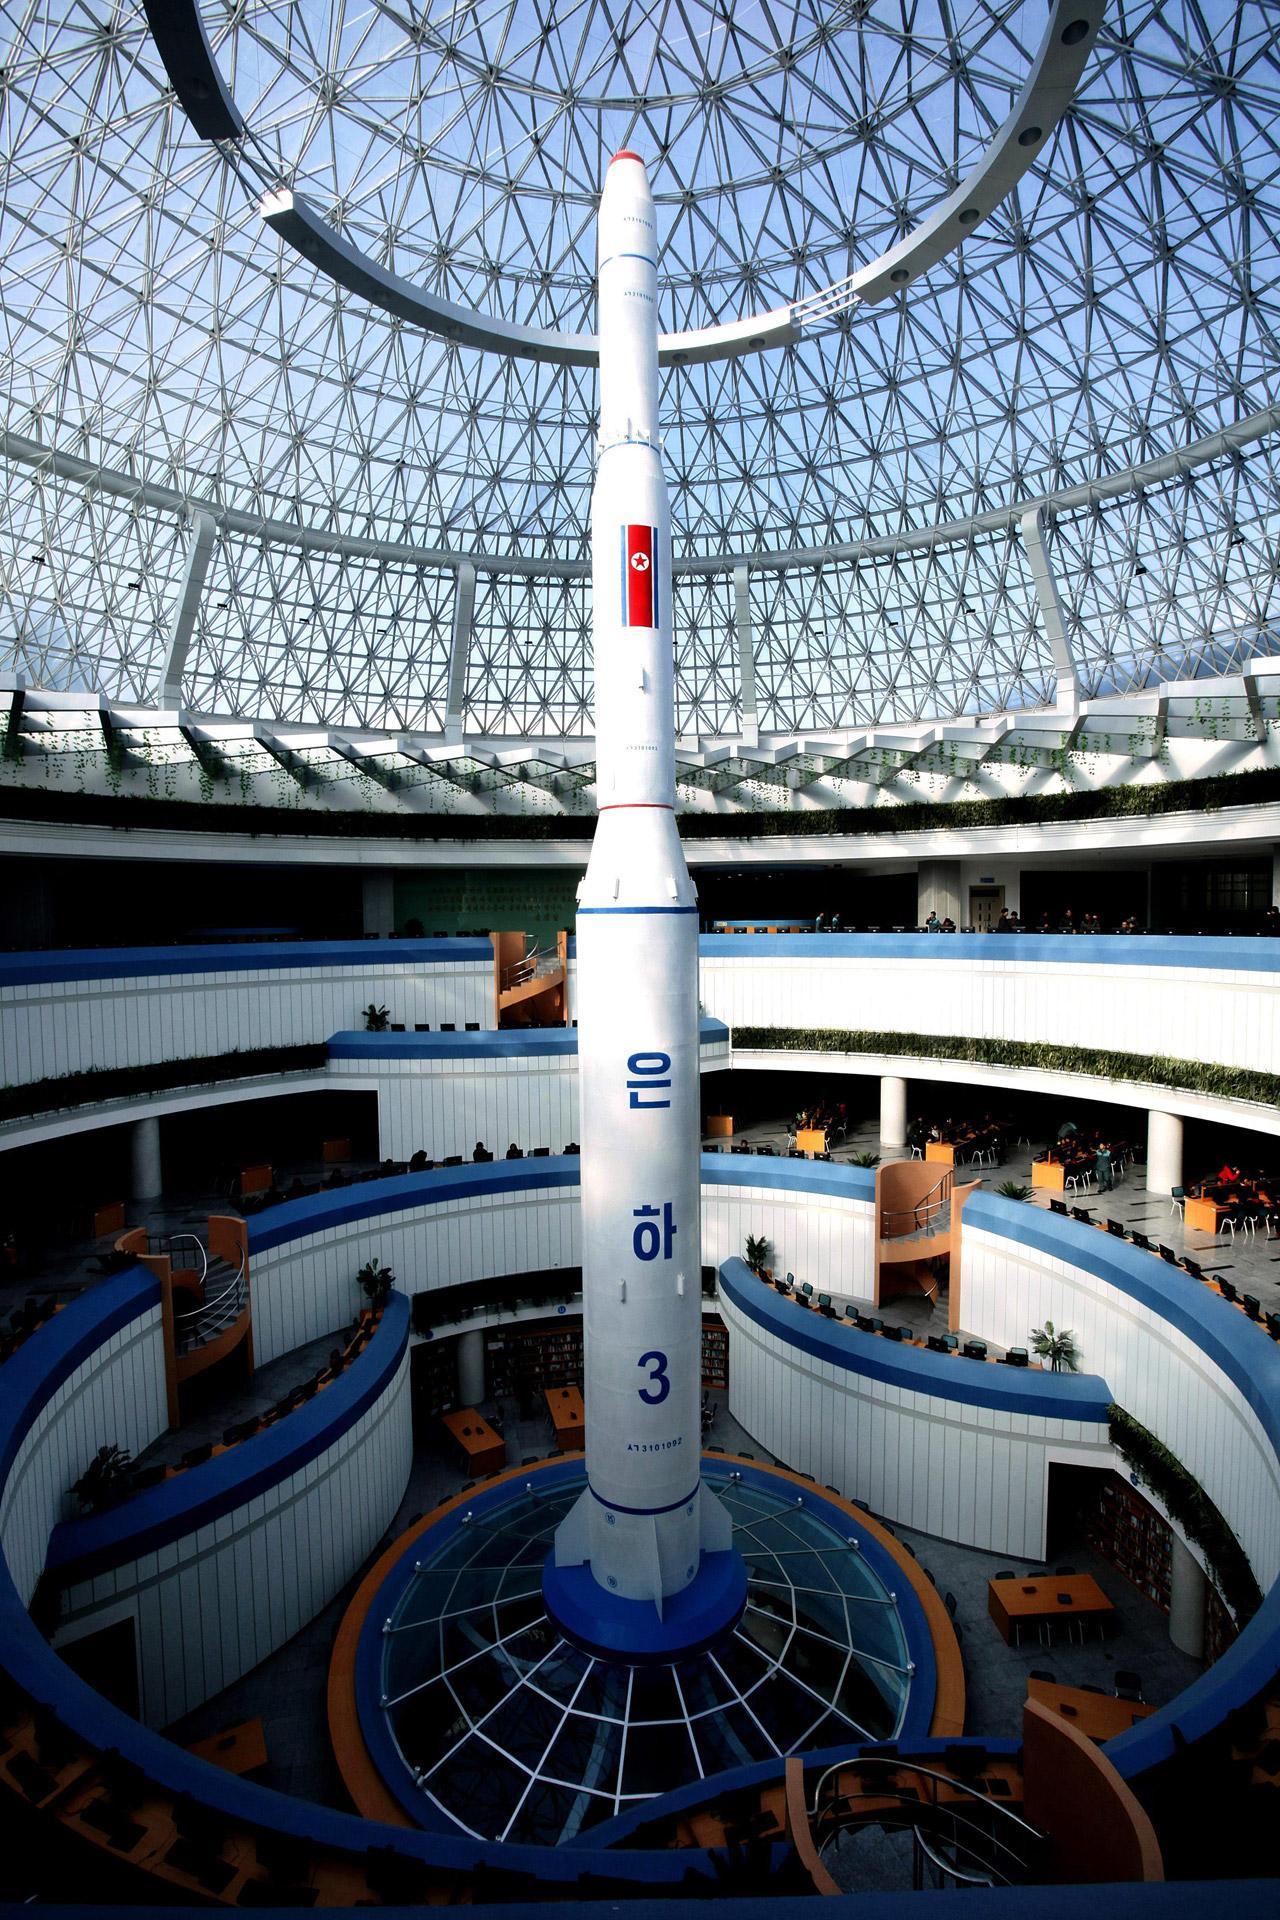 จรวดส่งดาวเทียม อึนฮา 3 ถูกนำมาแสดงที่ศูนย์ไซเทค ในกรุงเปียงยาง เมื่อ 3 ก.พ.59